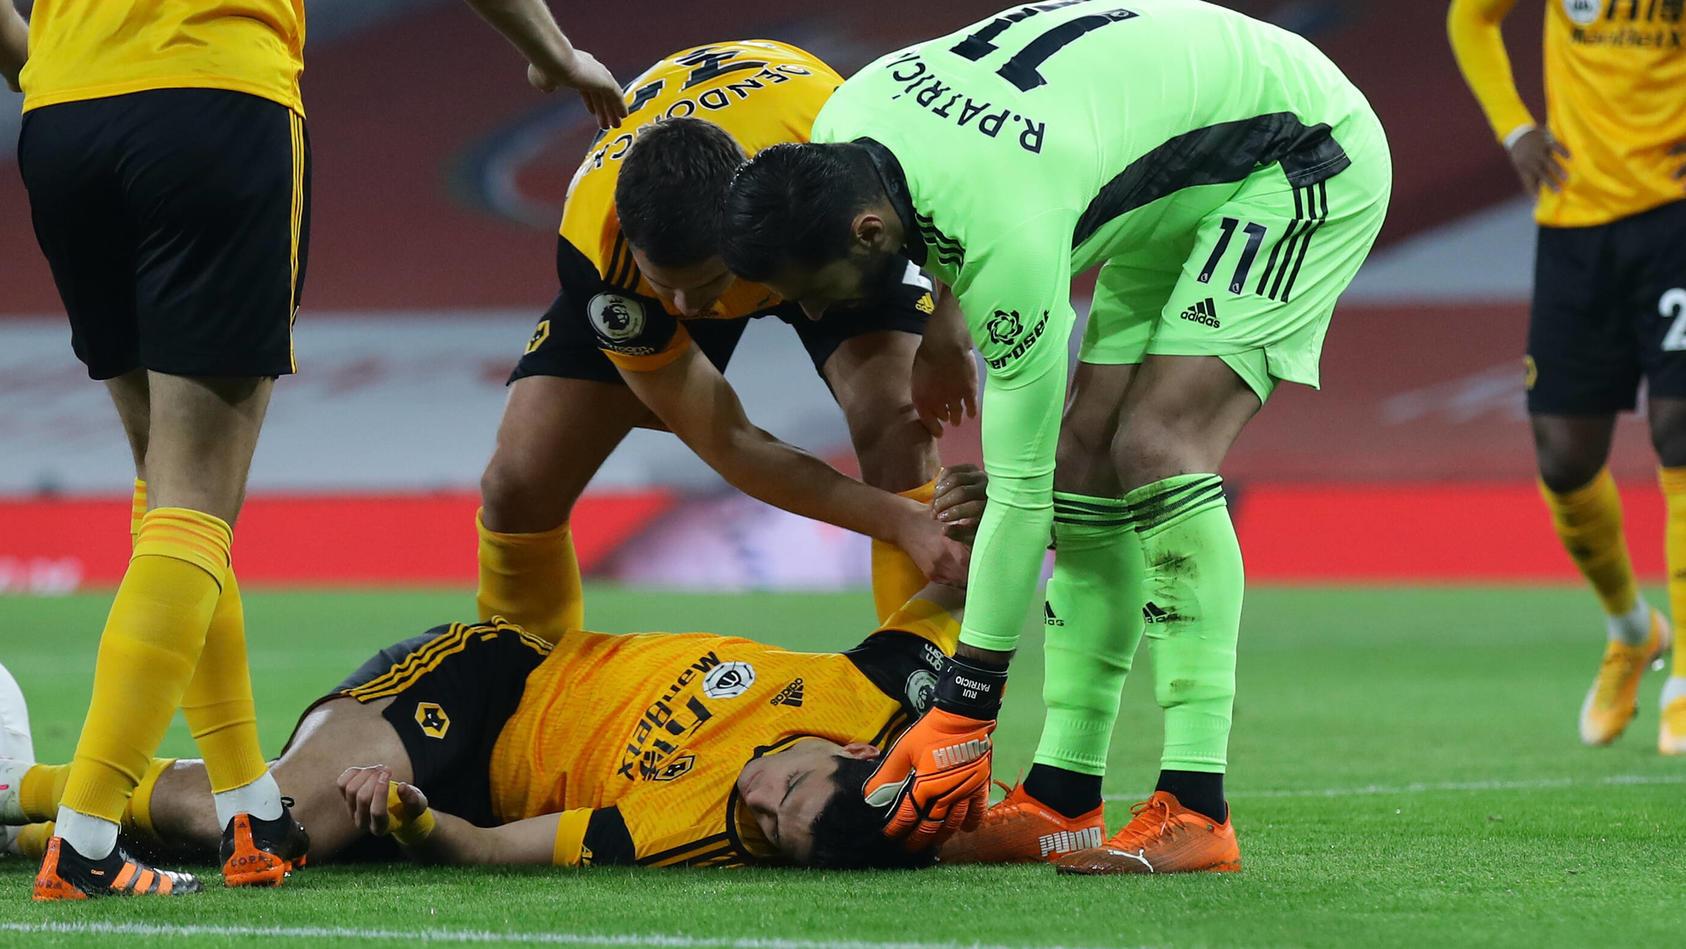 Nach dem Zusammenstoß mit David Luiz lag Jiménez minutenlang auf dem Boden.